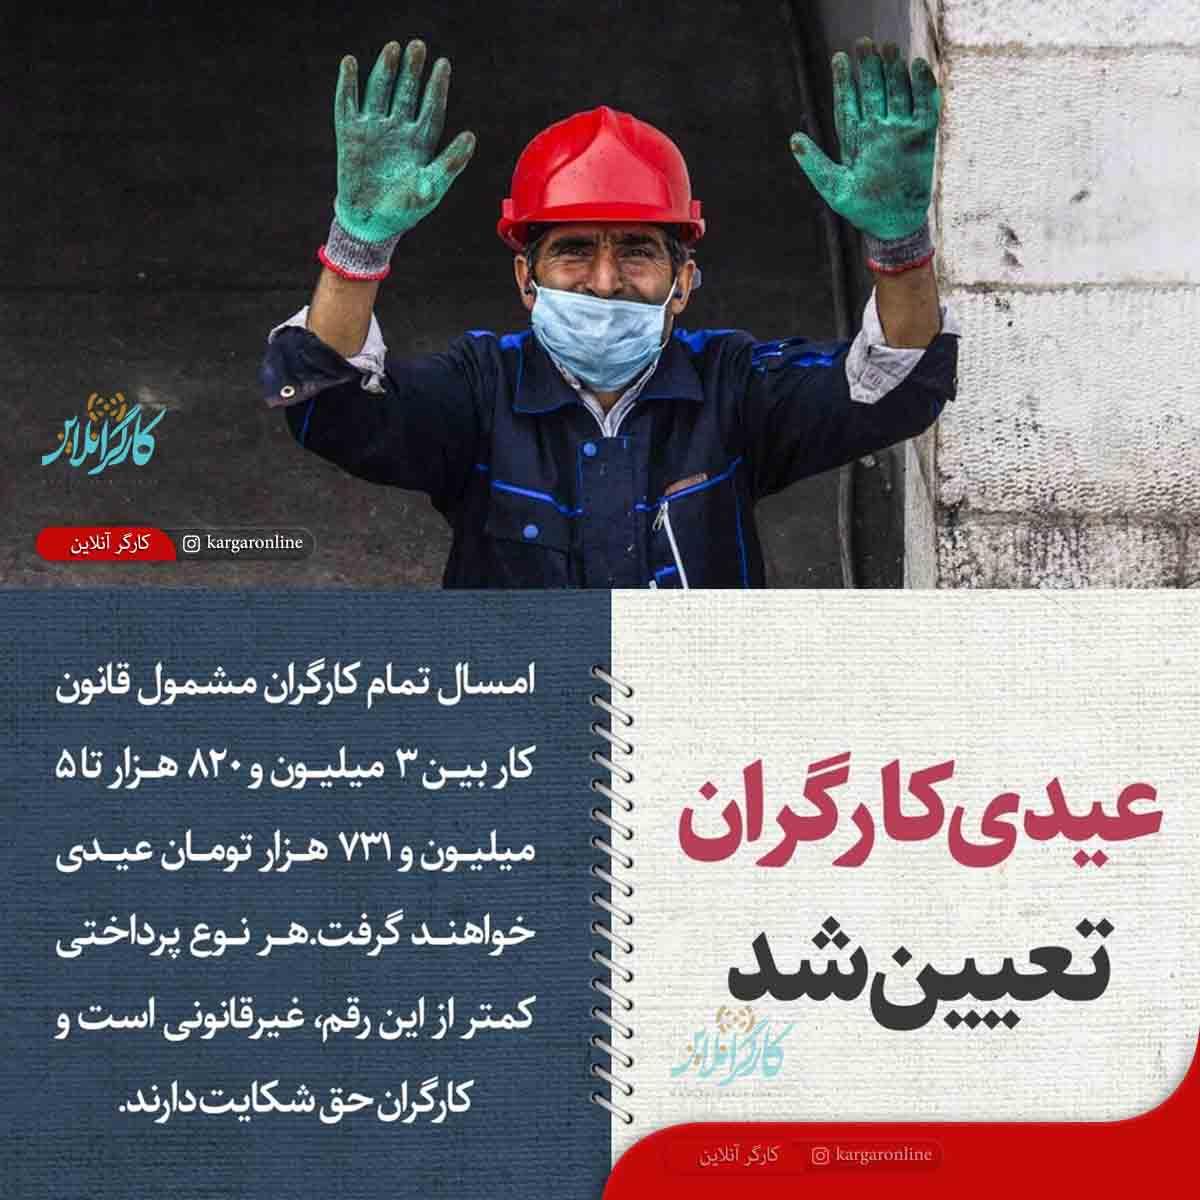 عیدی نهایی کارگران اعلام شد